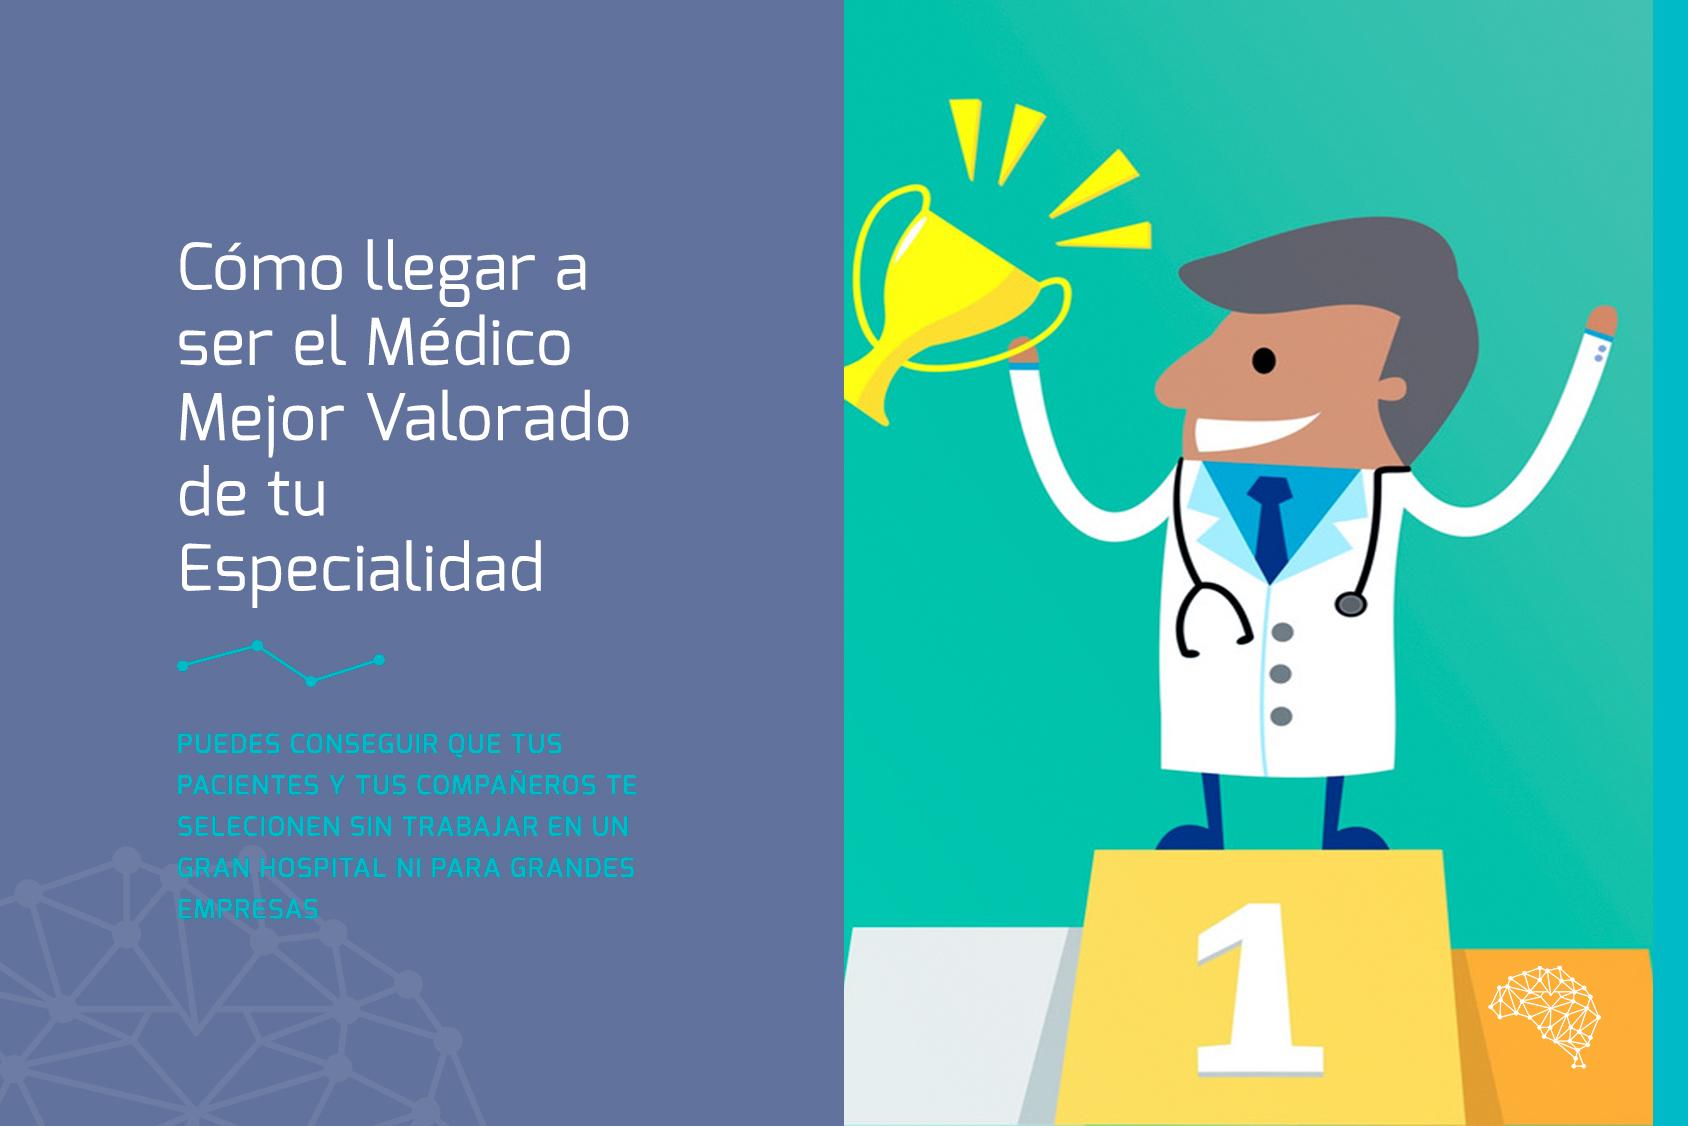 Cómo ser el Médico Mejor Valorado de tu Especialidad